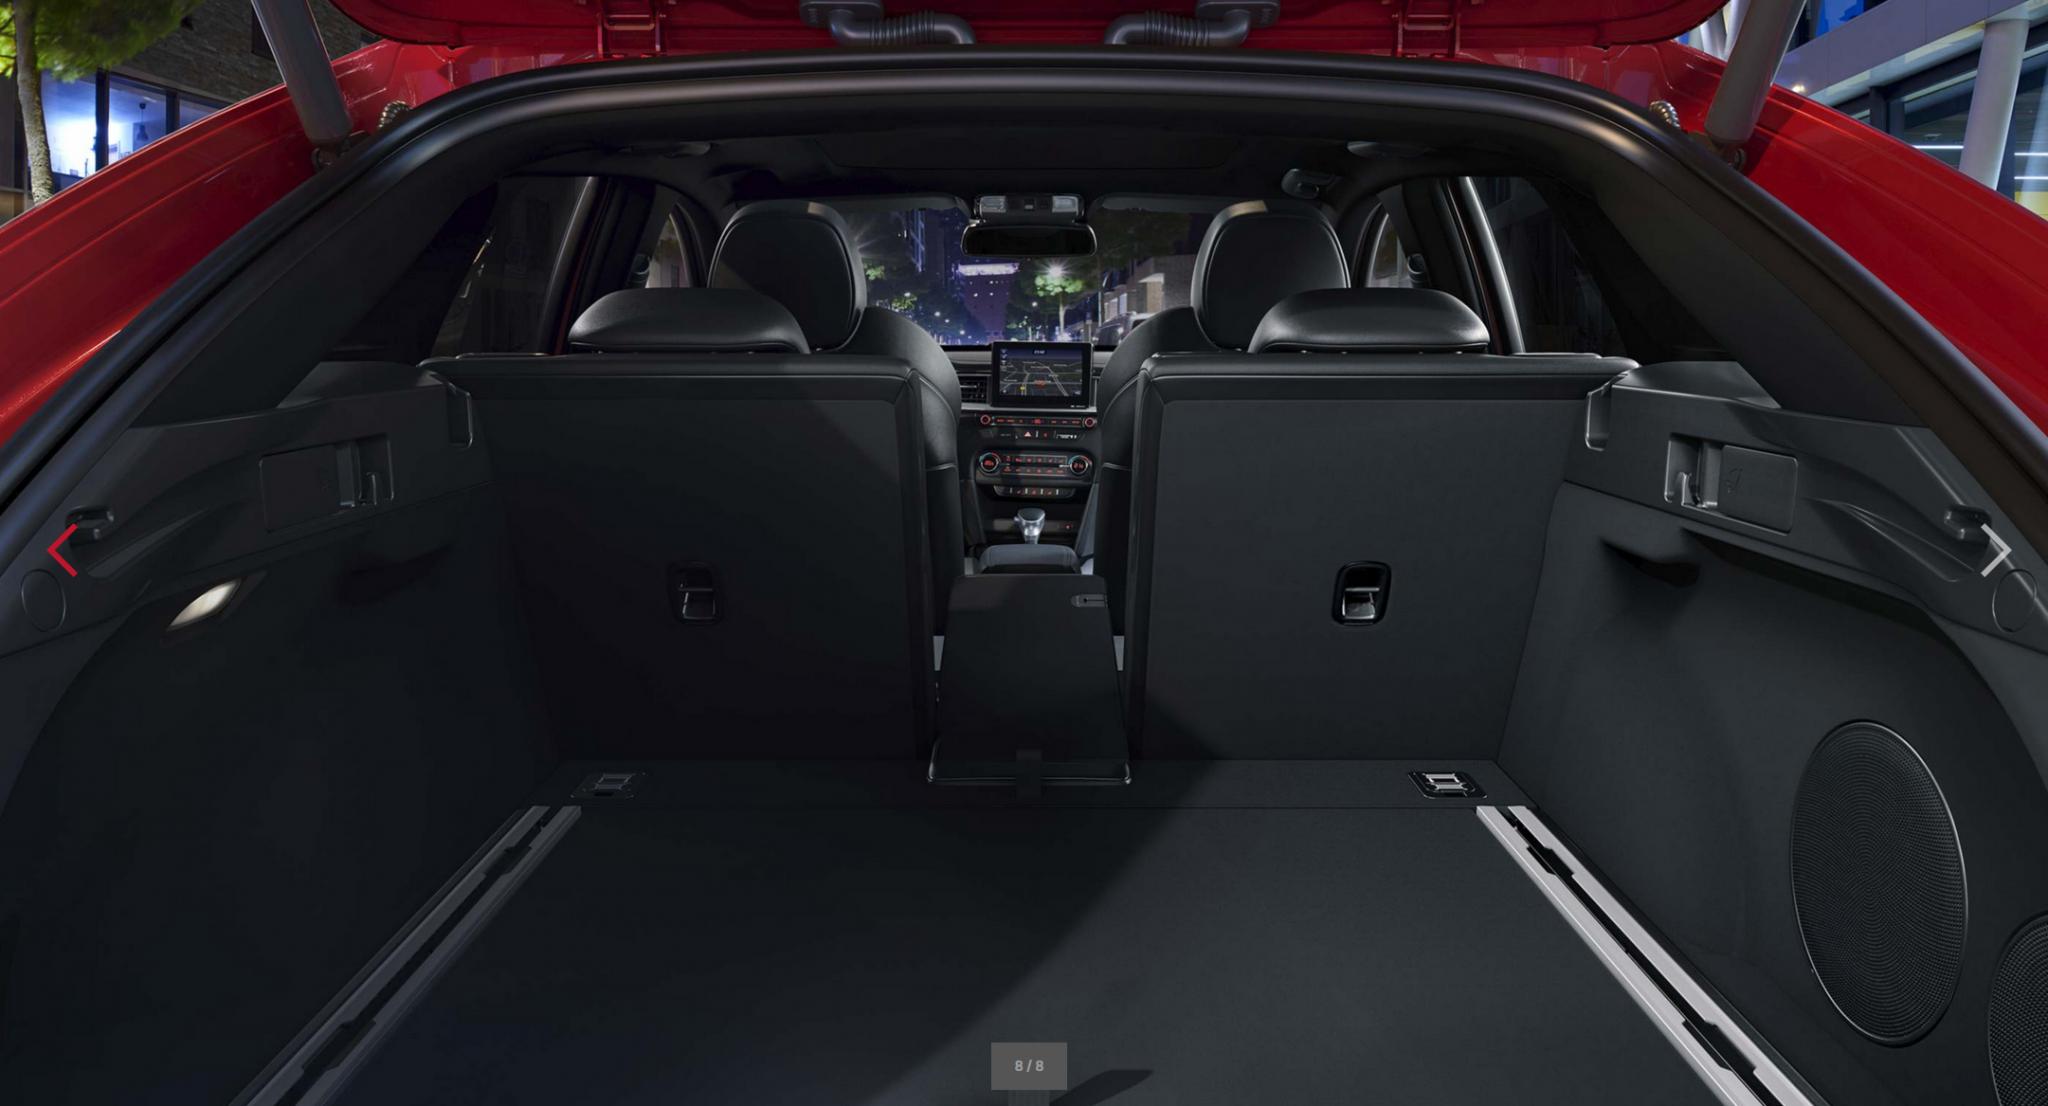 Kia Pro Ceed bei Auto Stahl Kofferraum viel Platz